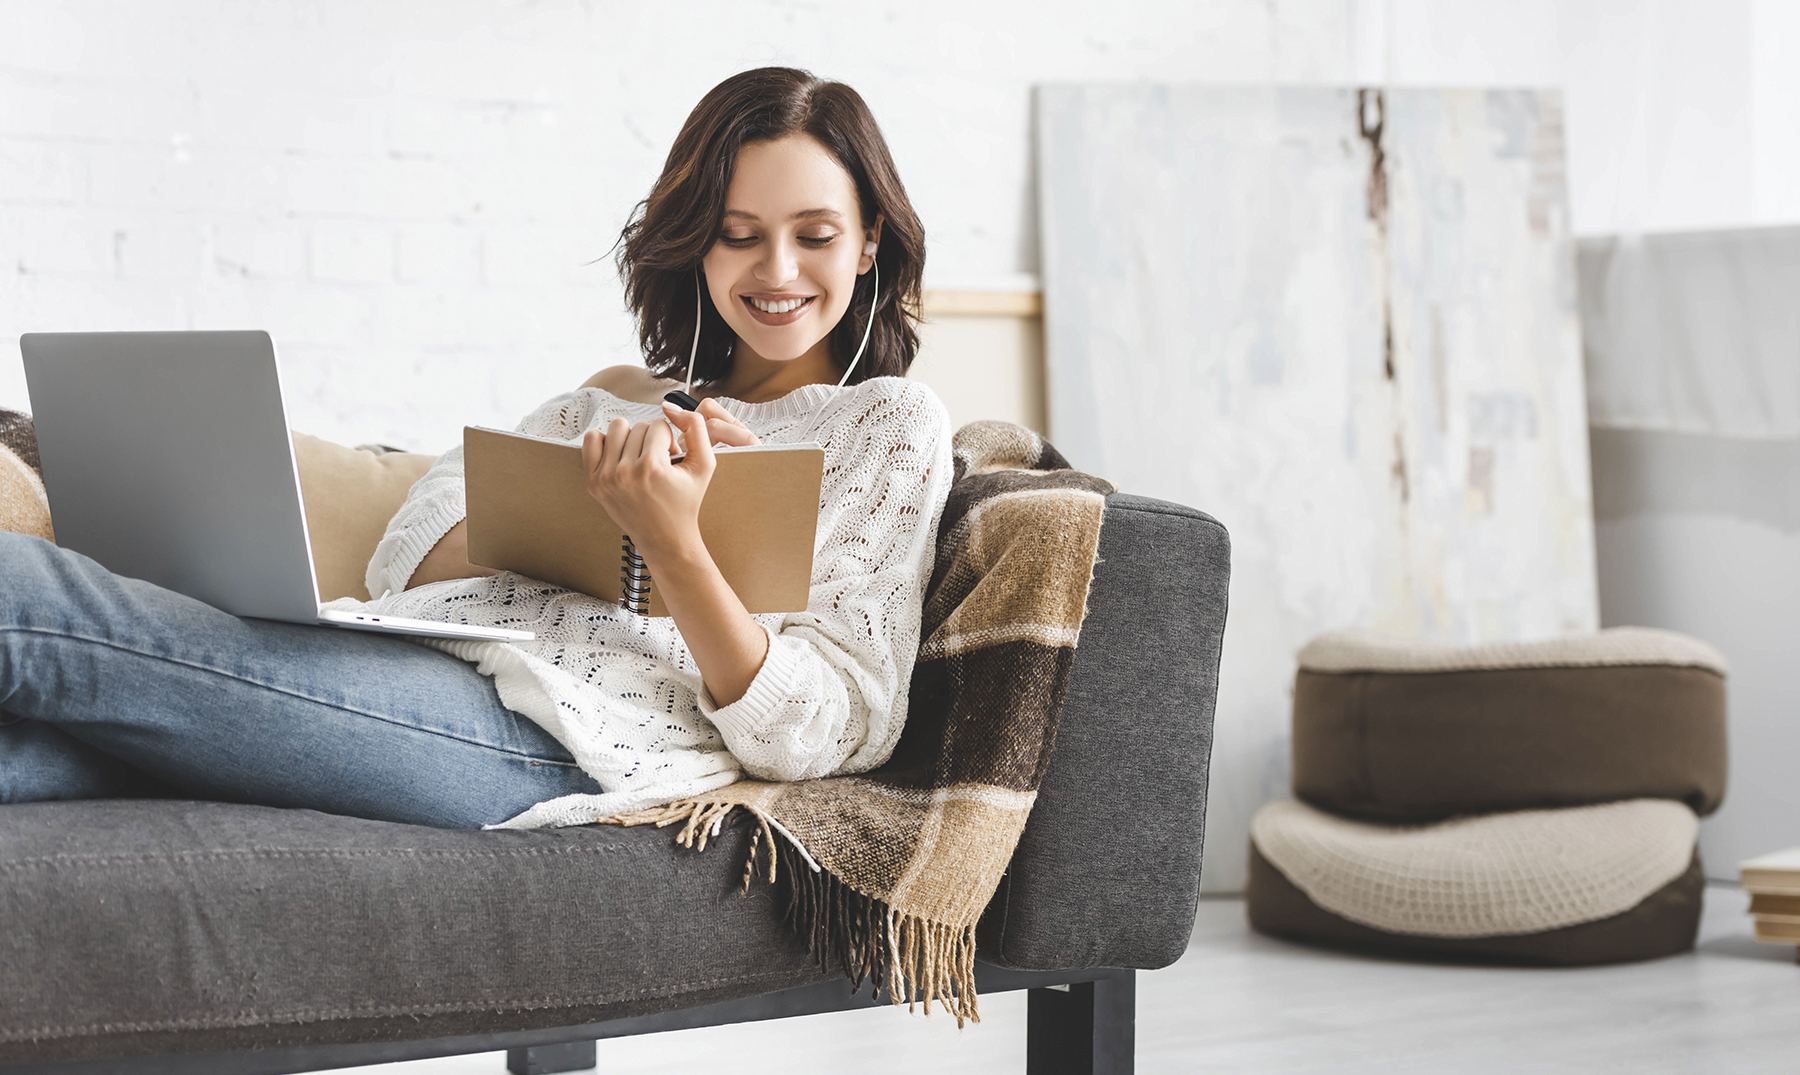 Cómo aprender inglés rápido y en casa | ¡Consigue un buen nivel en poco!